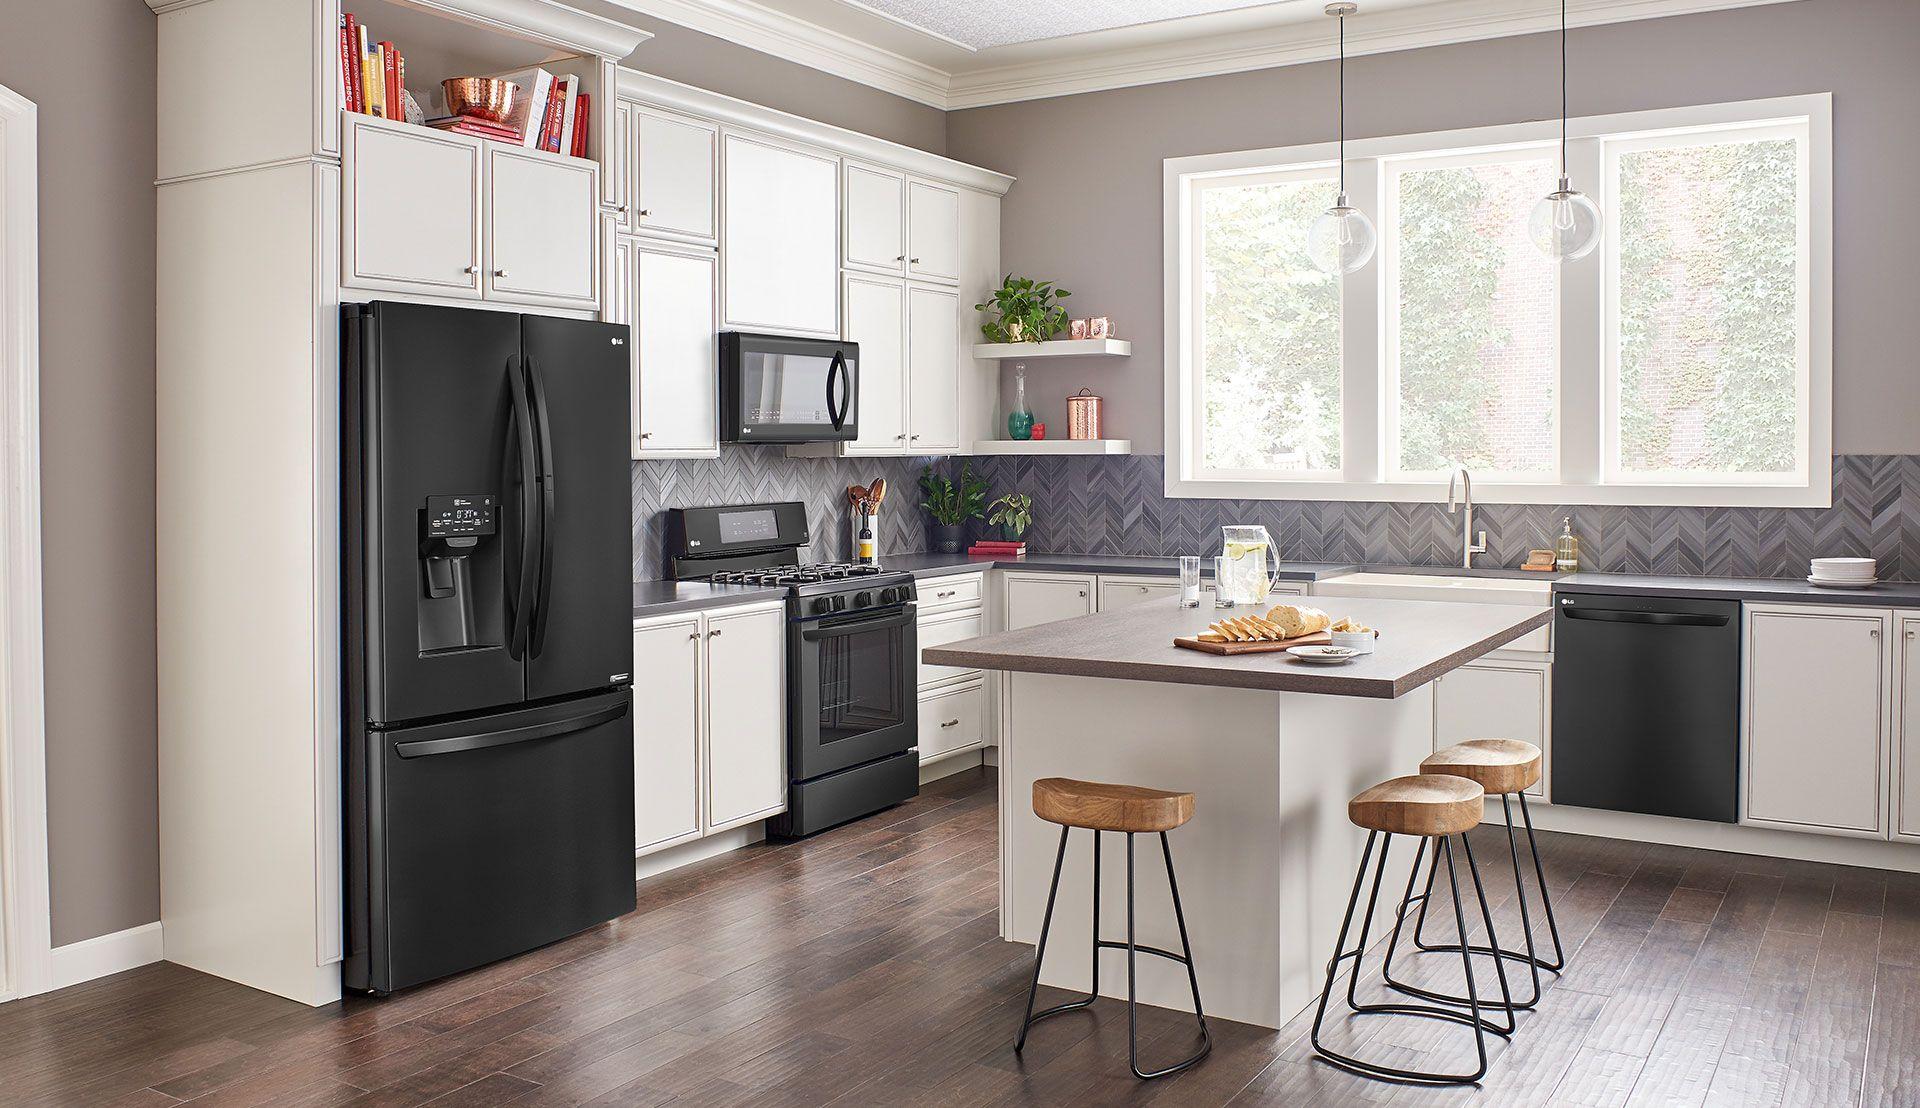 Pin by Jess Denisa on Kitchen reno Black appliances